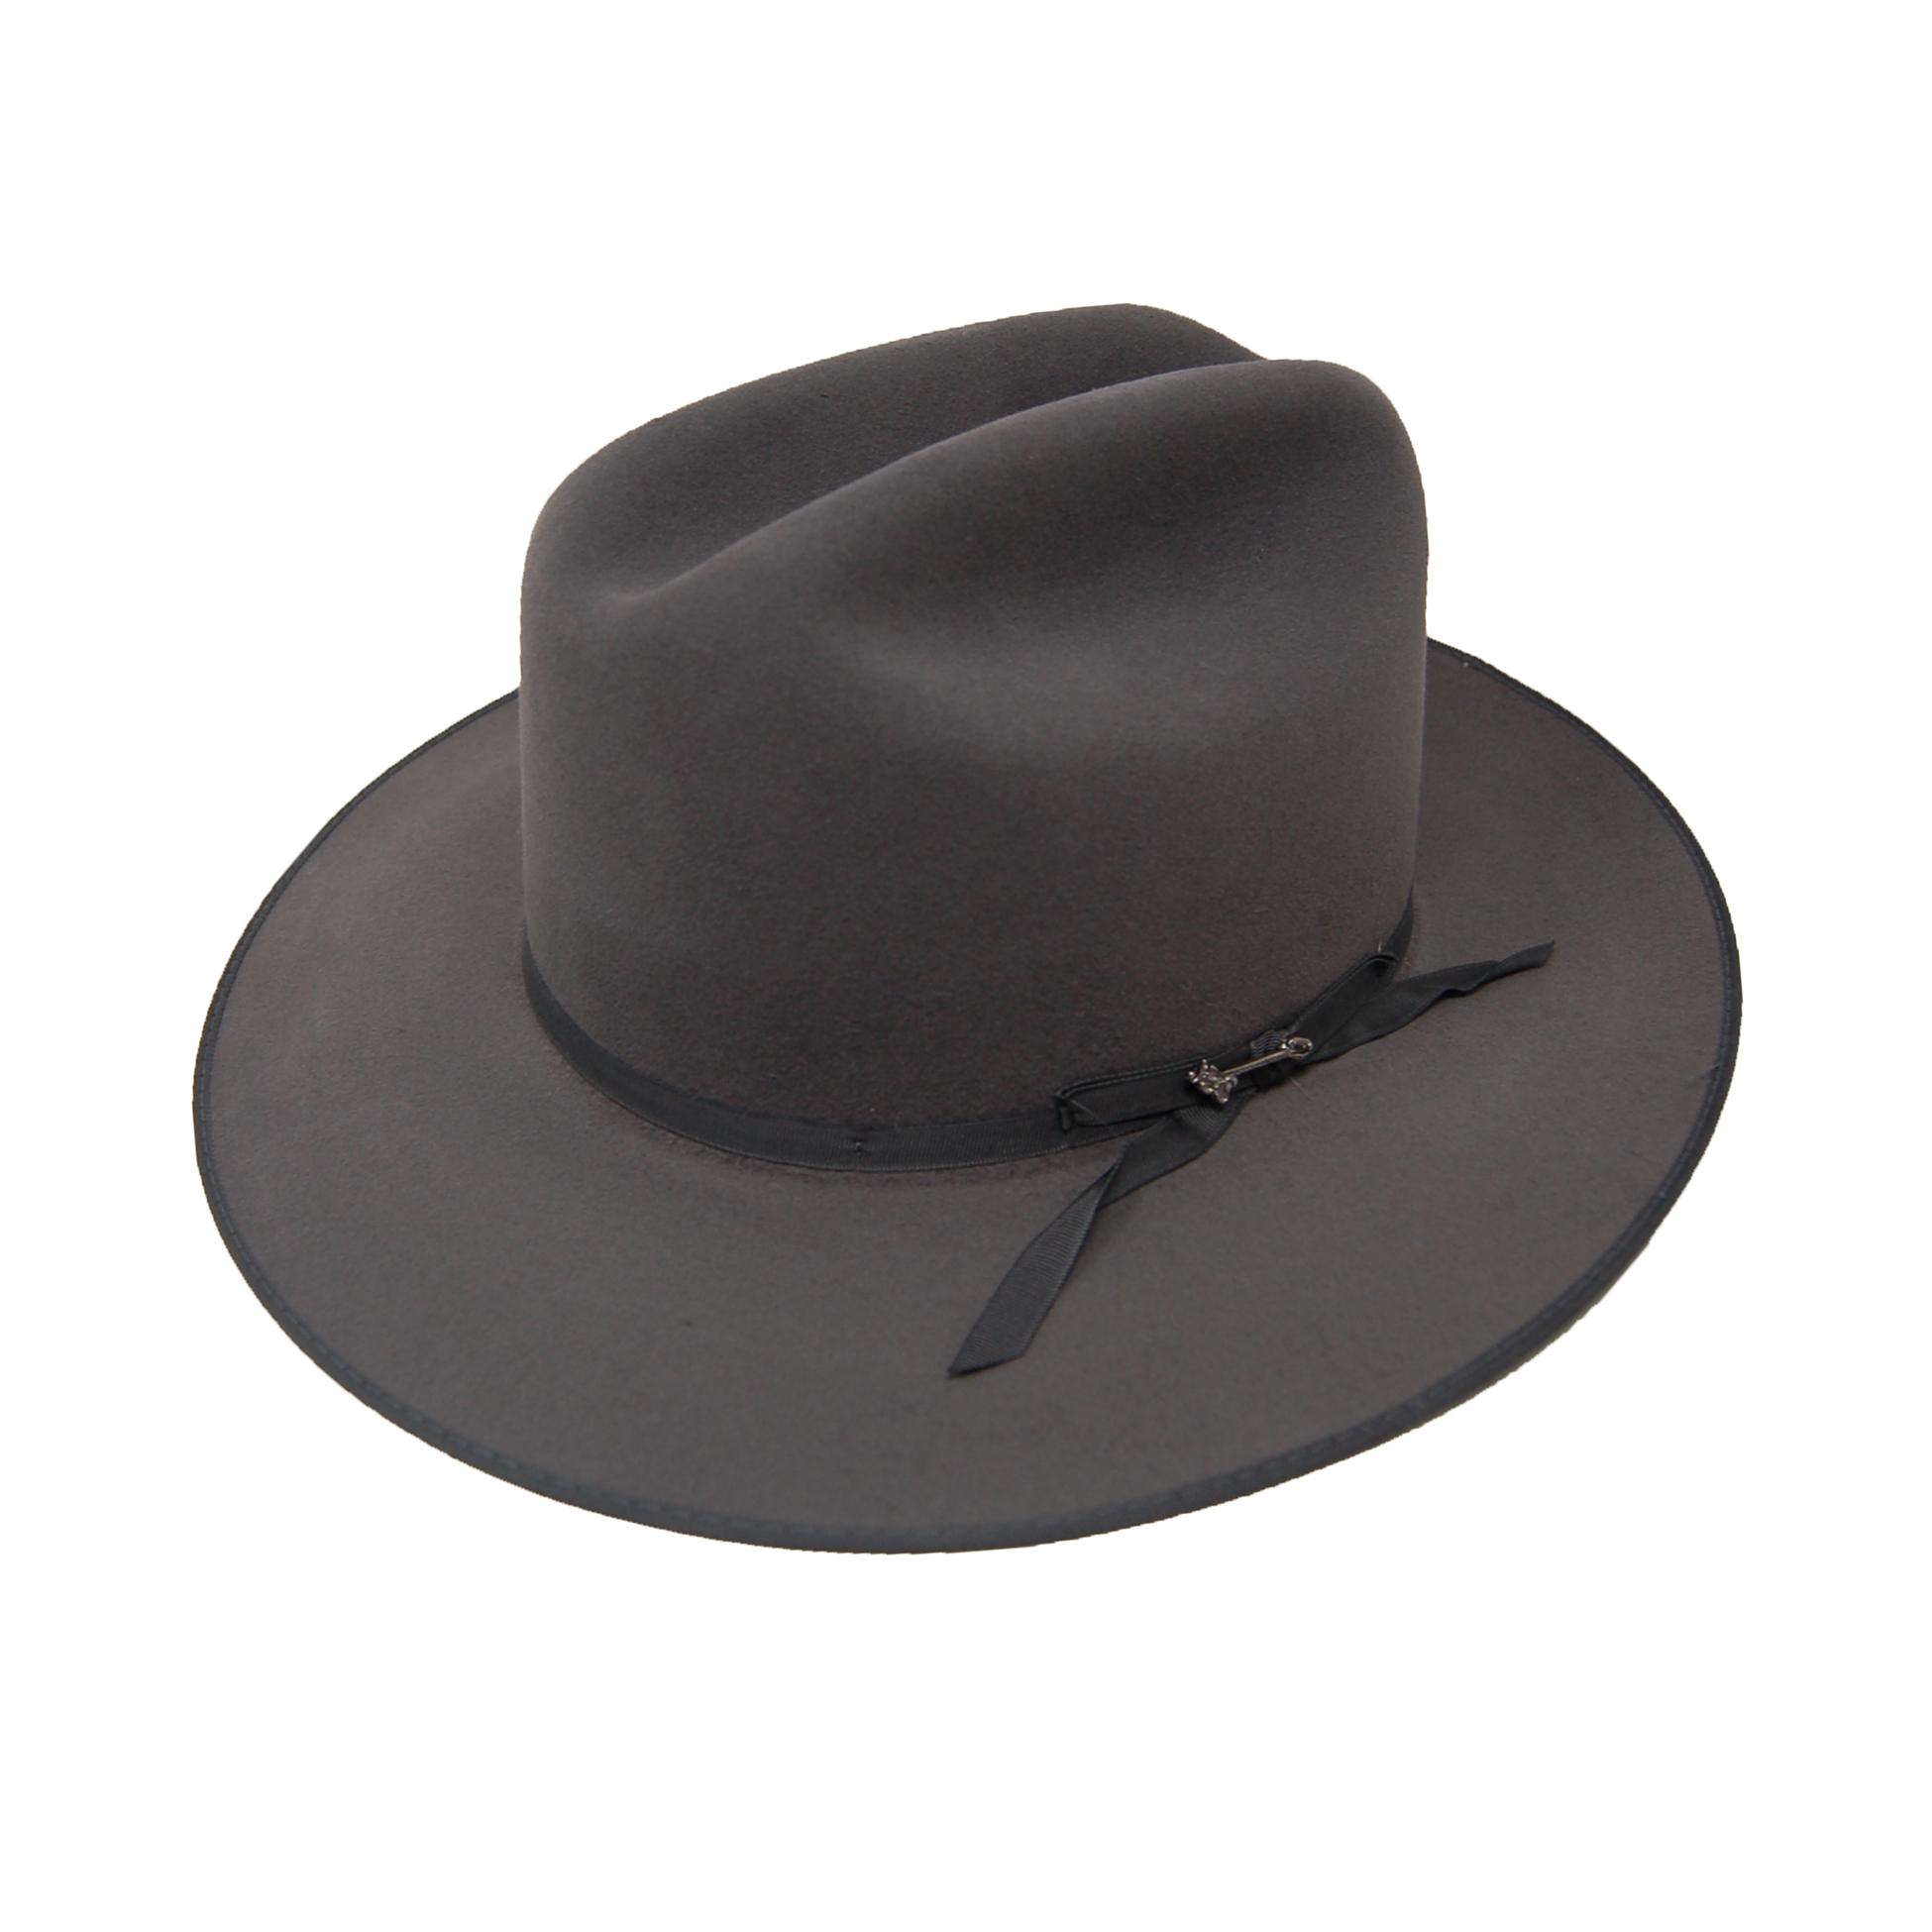 fd8ac6175e2 Stetson Open Road Fur Felt Hat  DelMonico Hatter